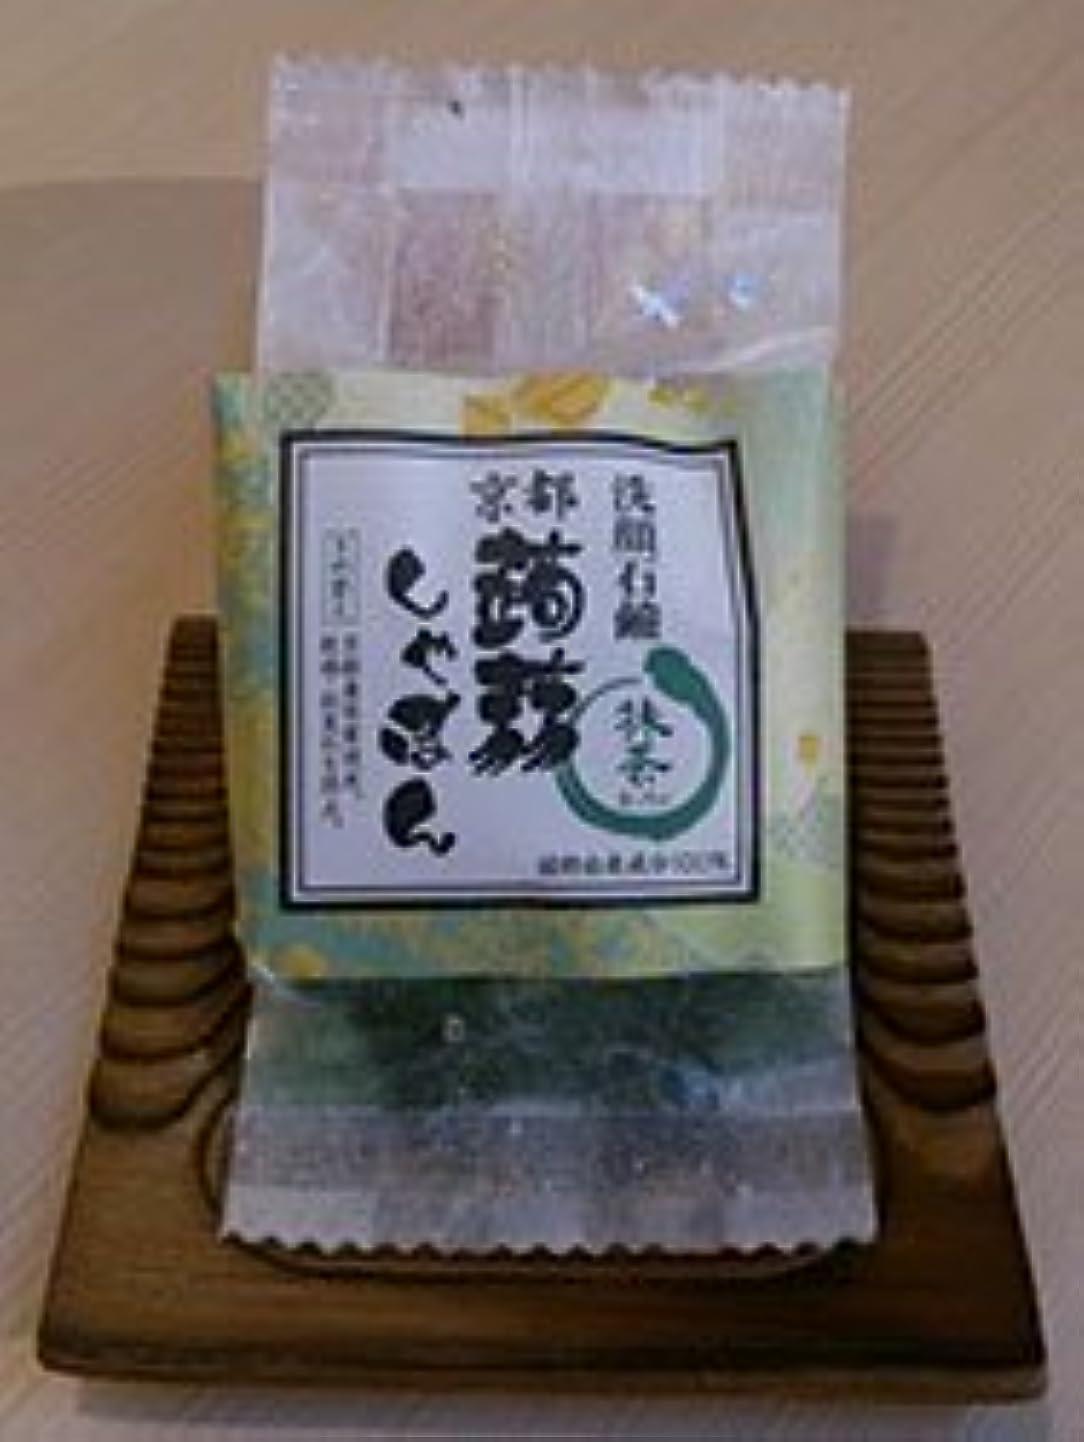 調子経済的ぼんやりした京都蒟蒻しゃぼん「抹茶 まっちゃ」